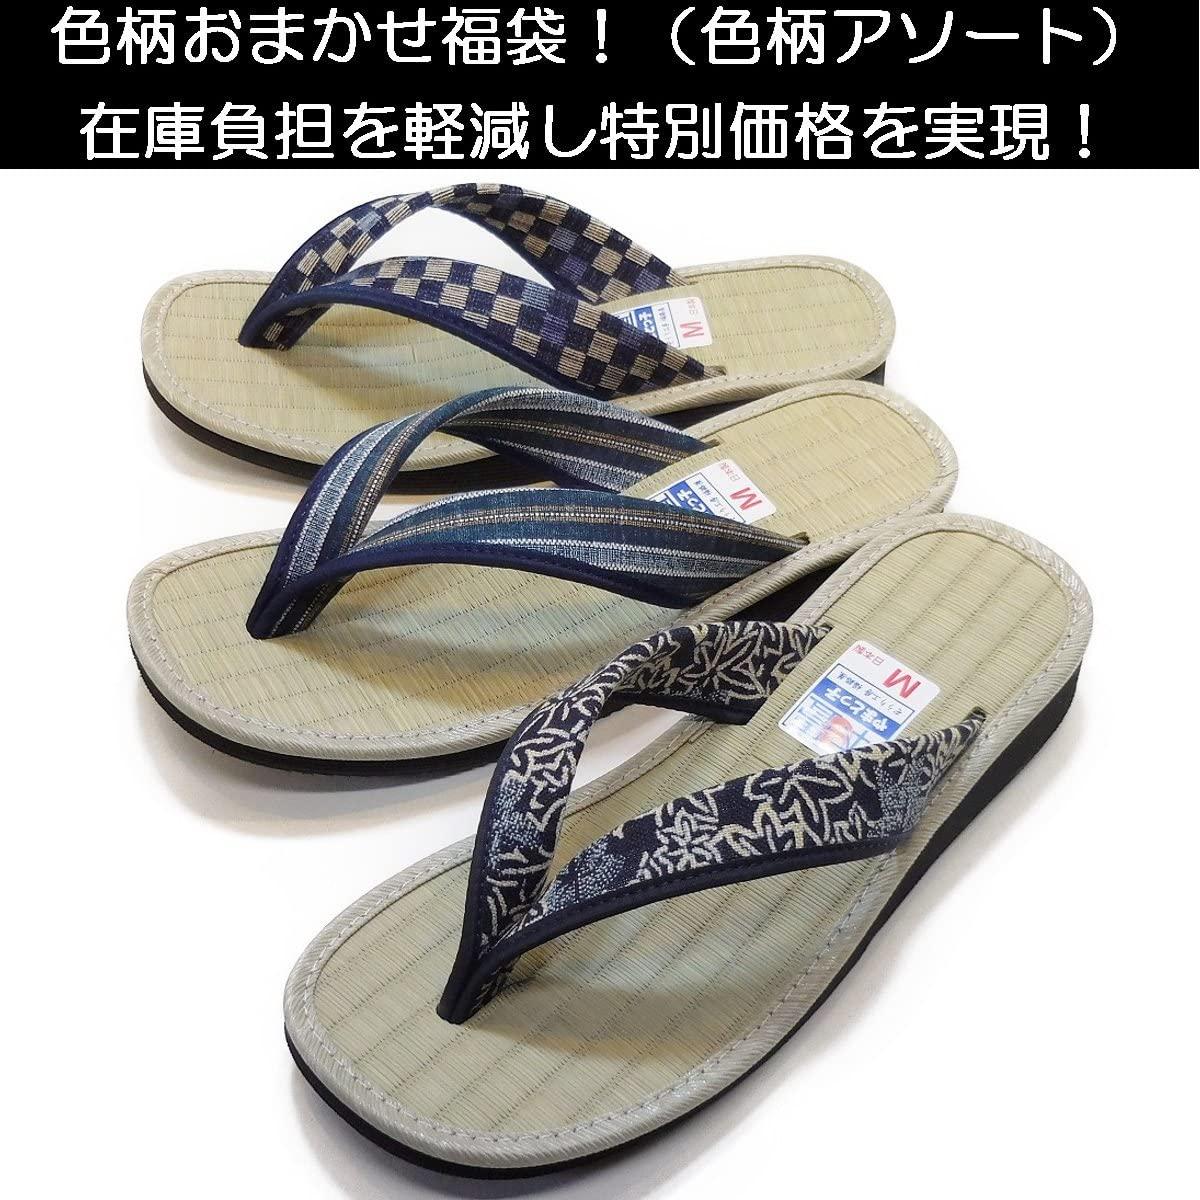 やまとっ子(ヤマトッコ) 本畳ぞうり 男性用の商品画像4